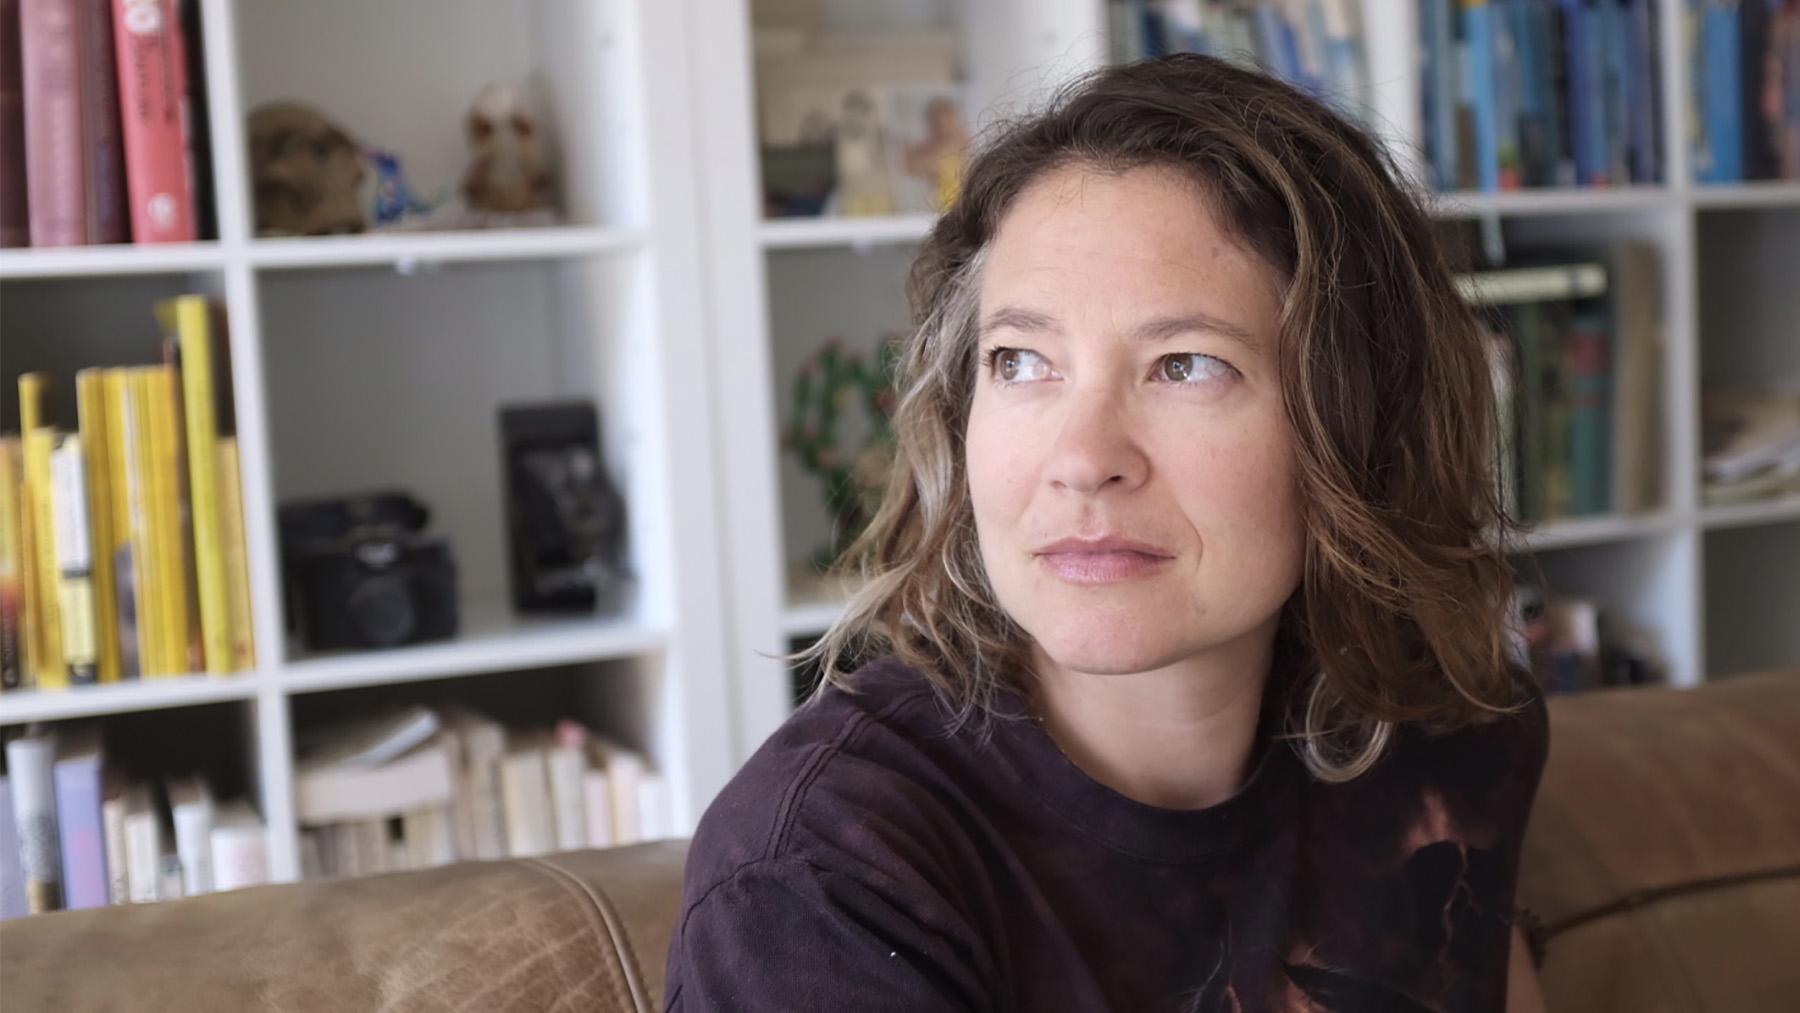 Portrait photograph of Suzanne Garcia Pino.